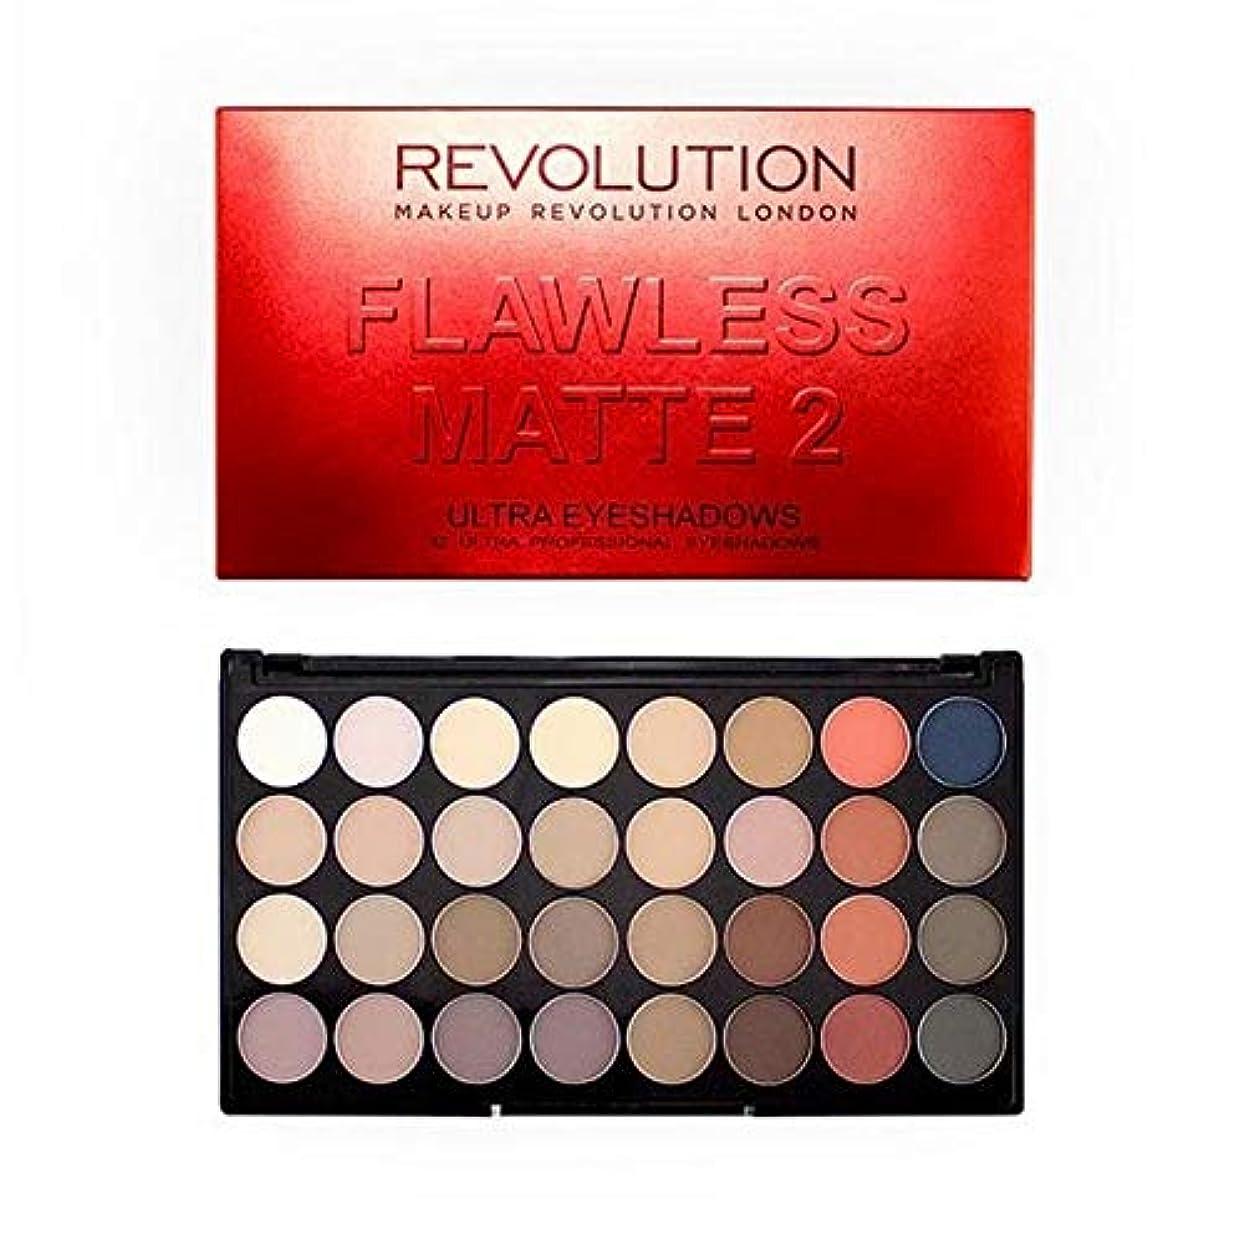 ボーダー故意の軍隊[Revolution ] 革命完璧なマット2アイシャドウパレット - Revolution Flawless Matte 2 Eye Shadow Palette [並行輸入品]